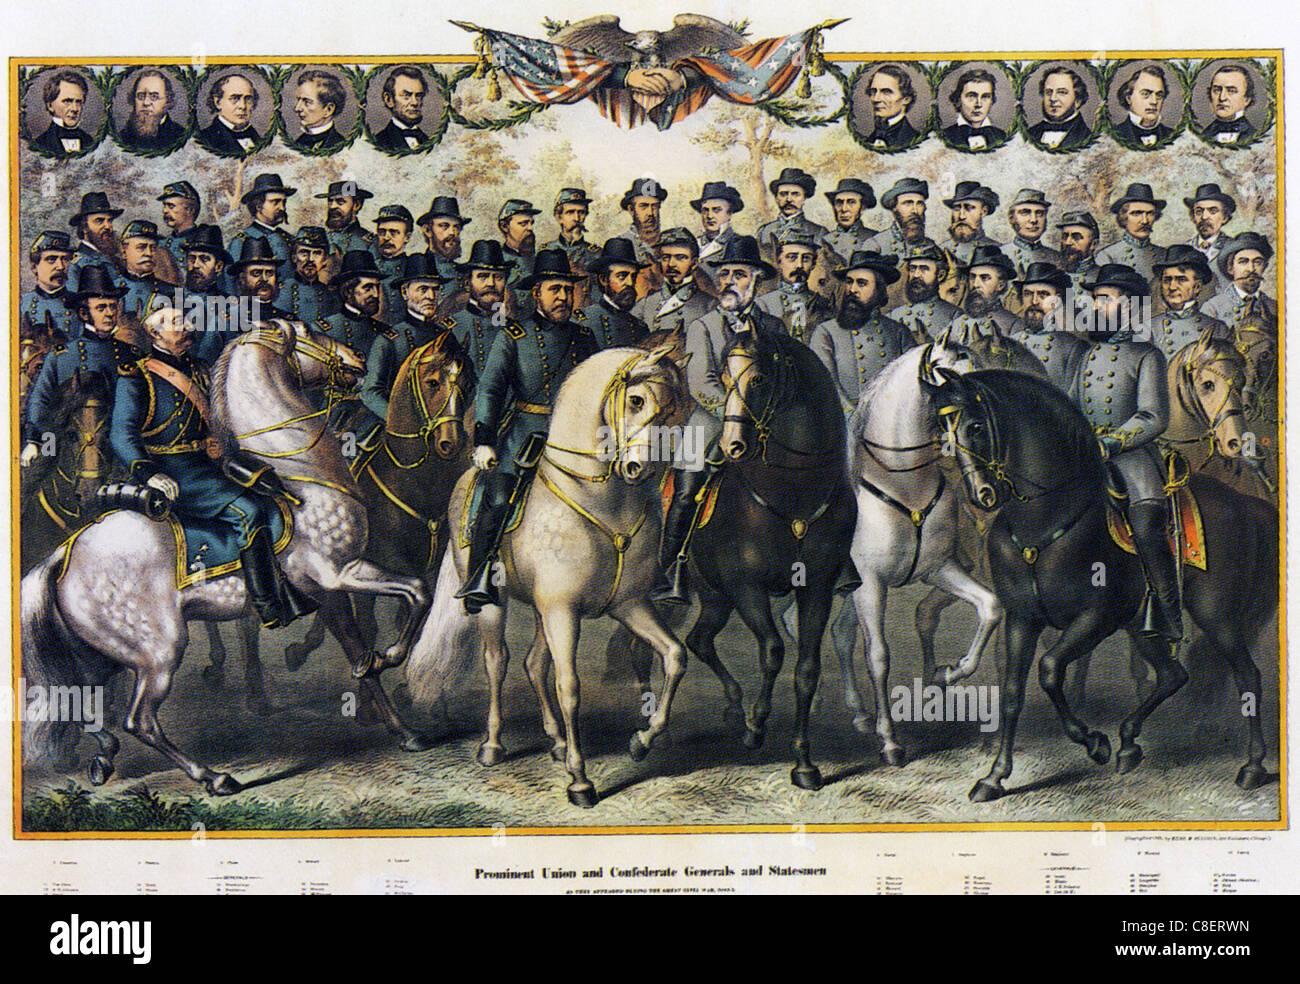 AMERICAN CIVIL WAR Porträts der wichtigsten militärischen und politischen Teilnehmer auf beiden Seiten Stockbild